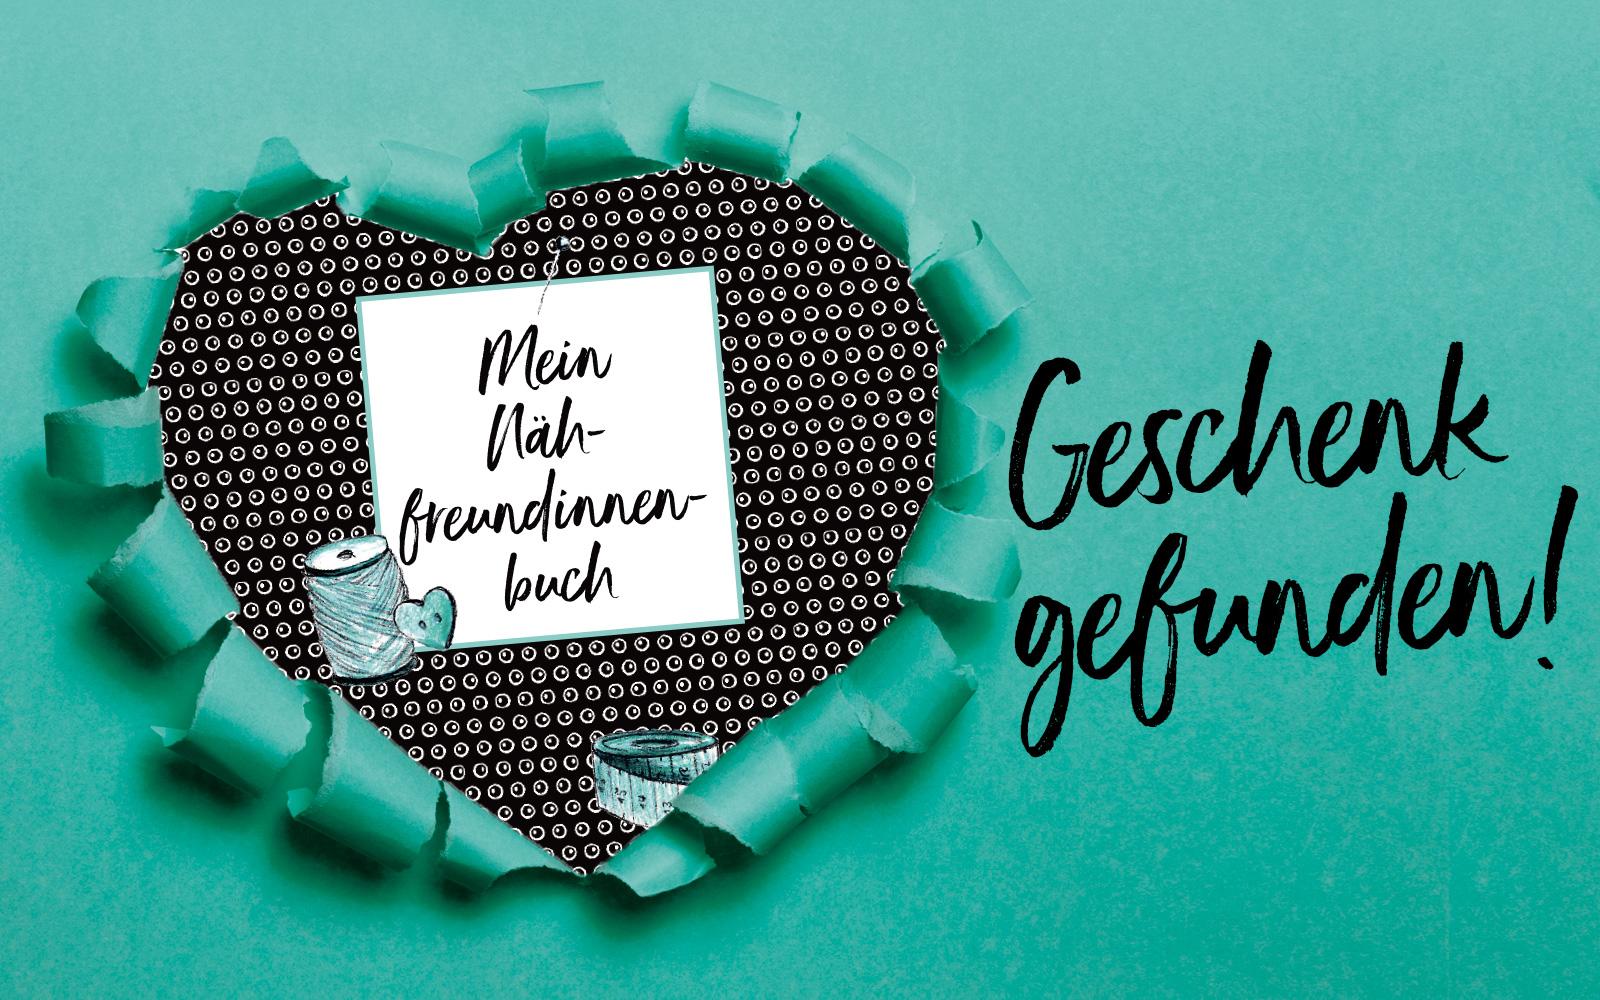 Nähfreundinnenbuch :-)